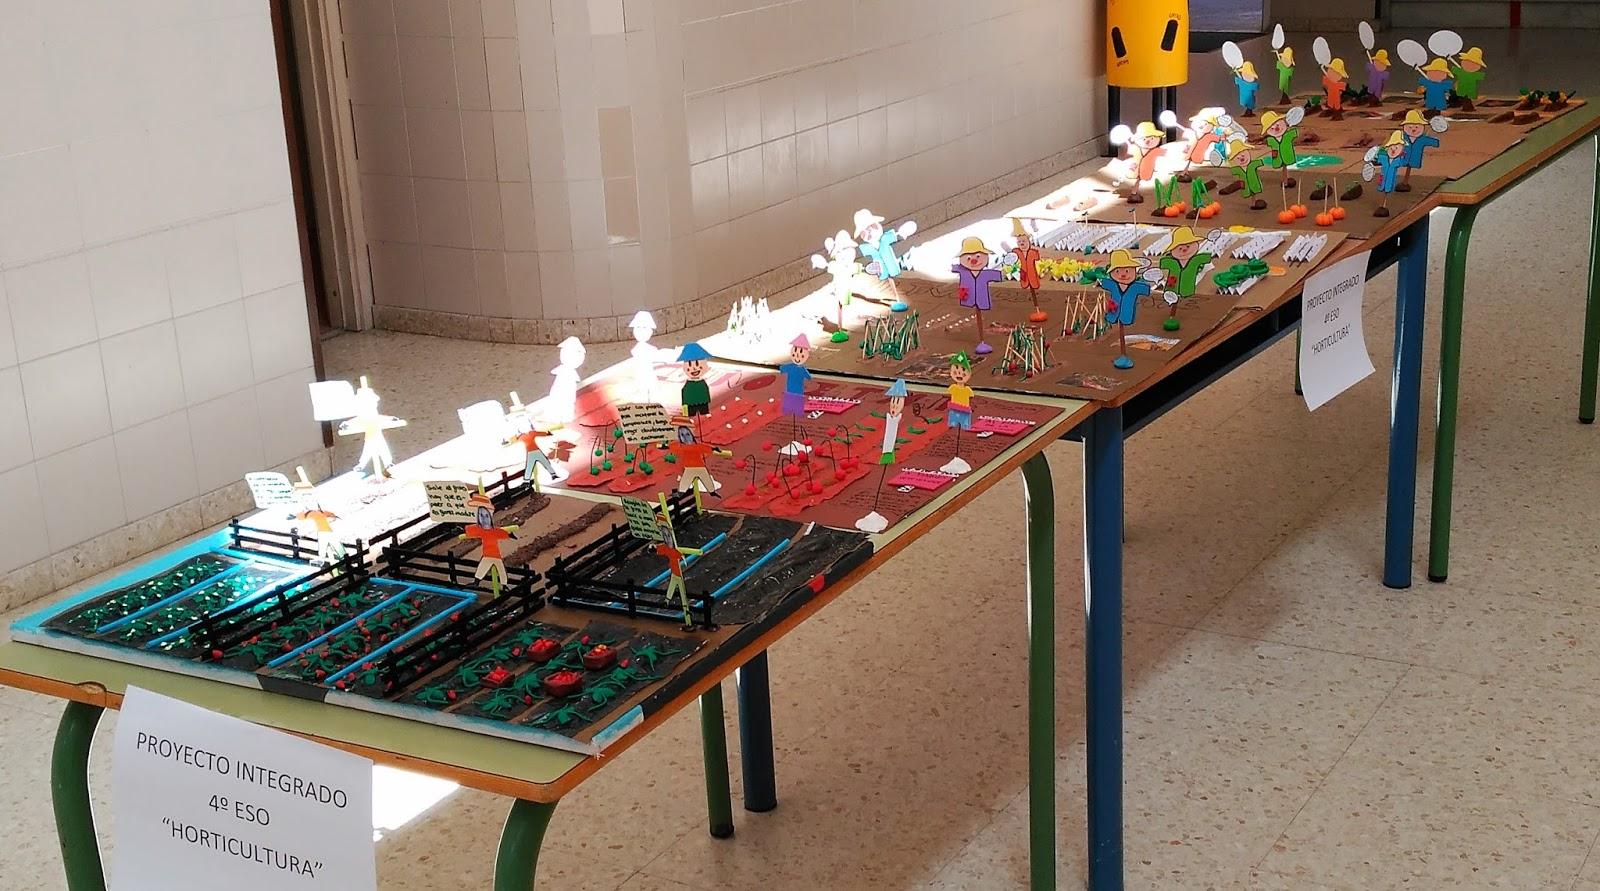 Biblioalmunia el proyecto de jardiner a y horticultura for Proyecto de jardineria